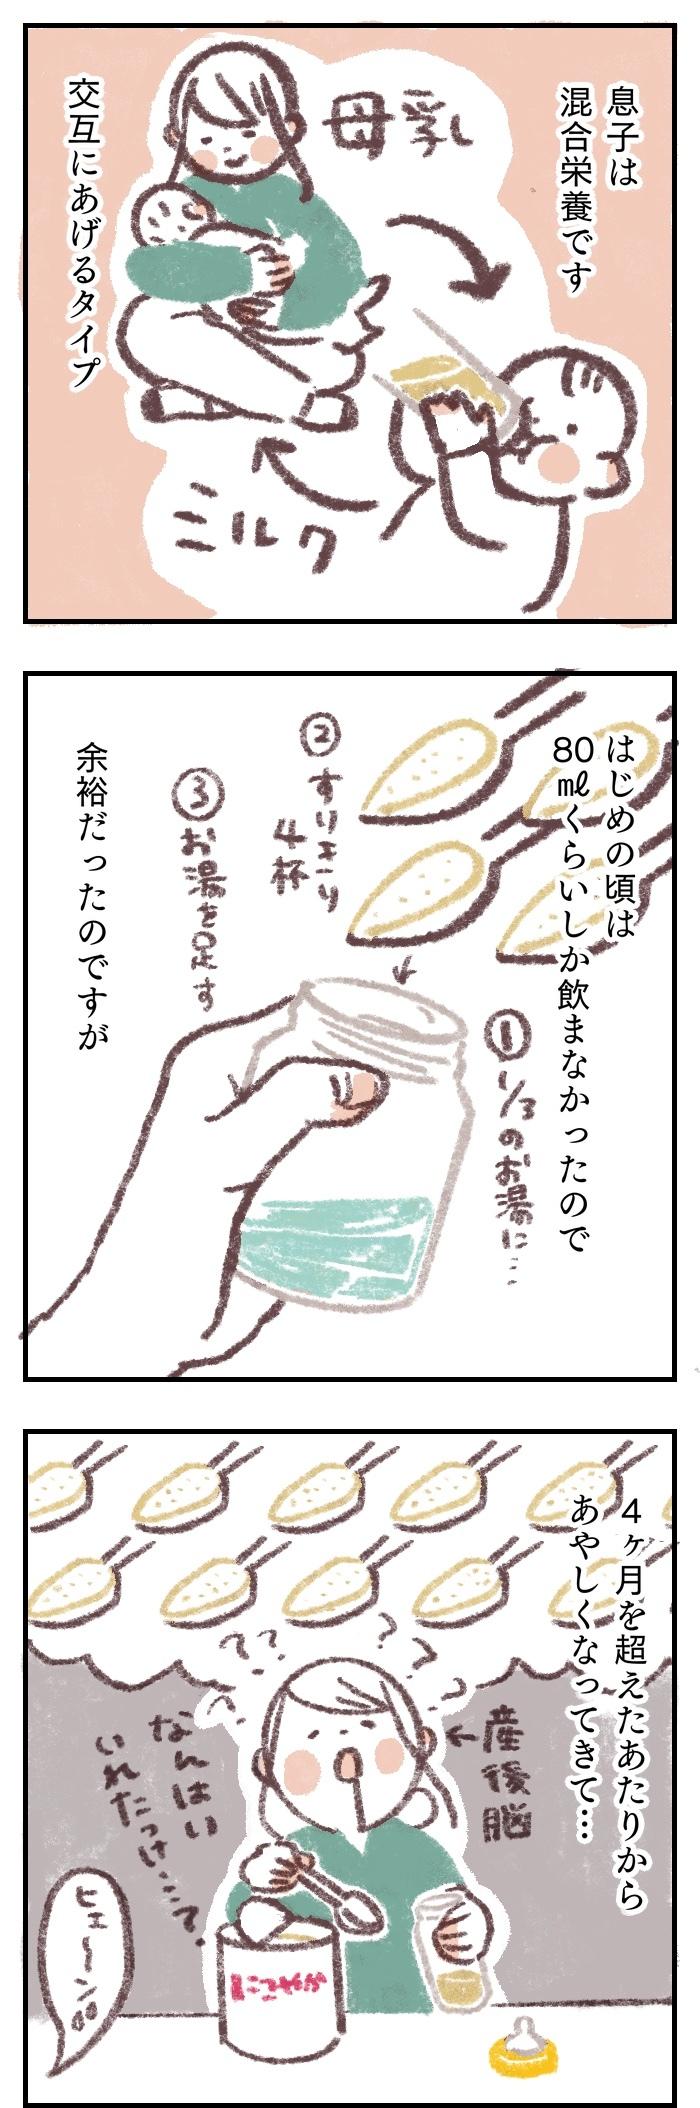 粉ミルク計量あるある「今何杯目だっけ!?」スプーンの便利な代用品はコレ!の画像1